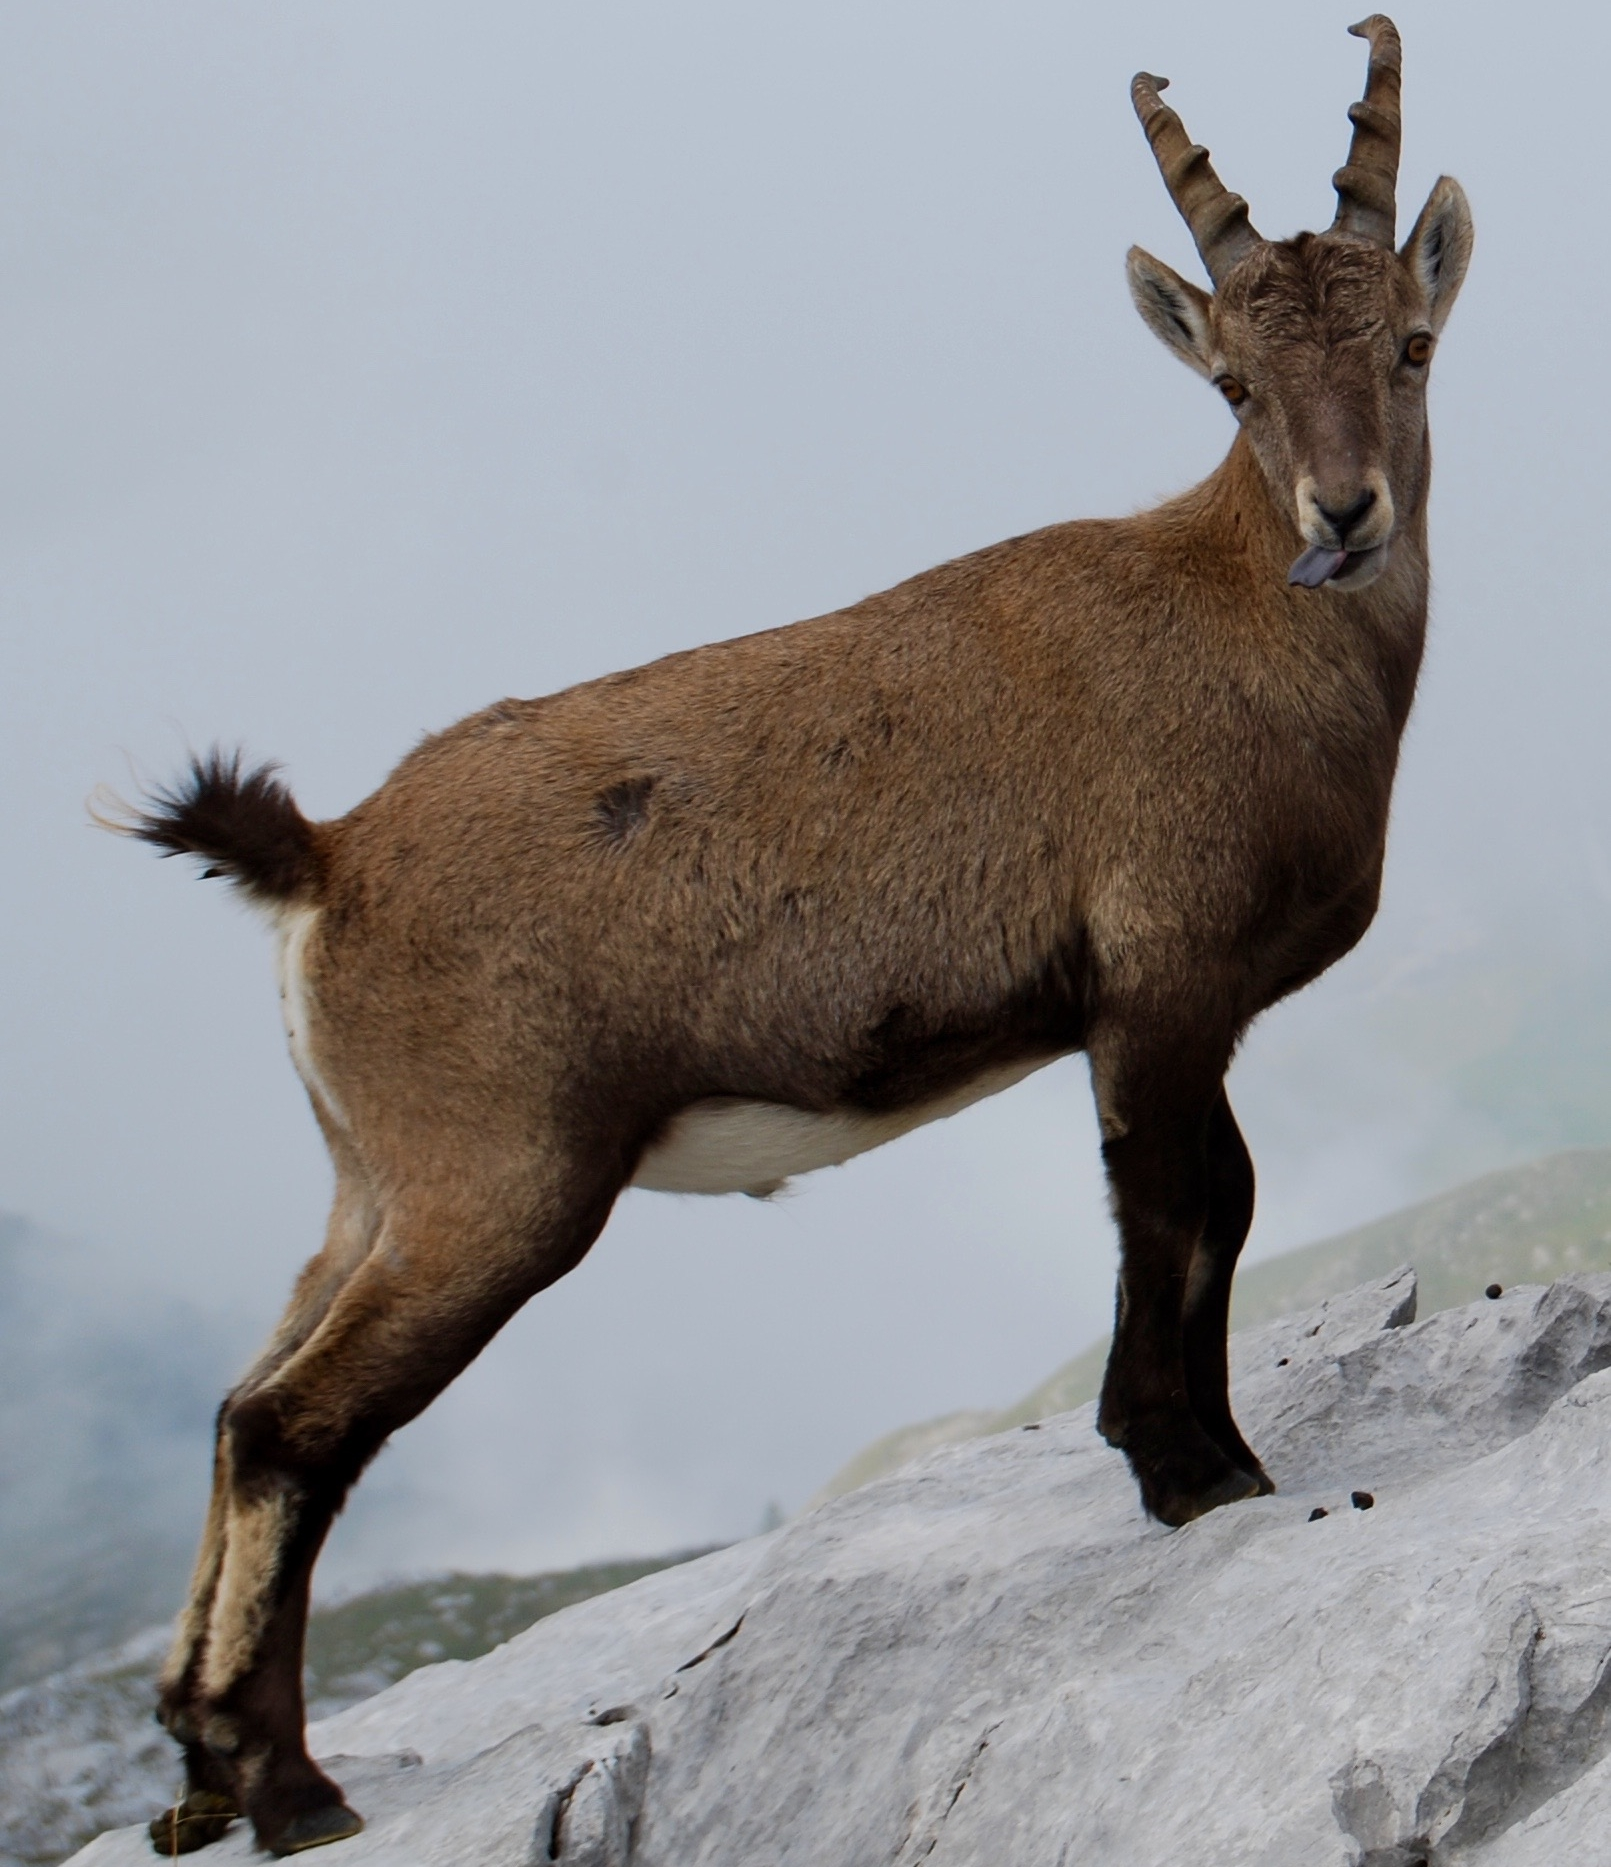 bouquetin-tire-langue-jeune-faune-montagne-pointe-percée-gramusset